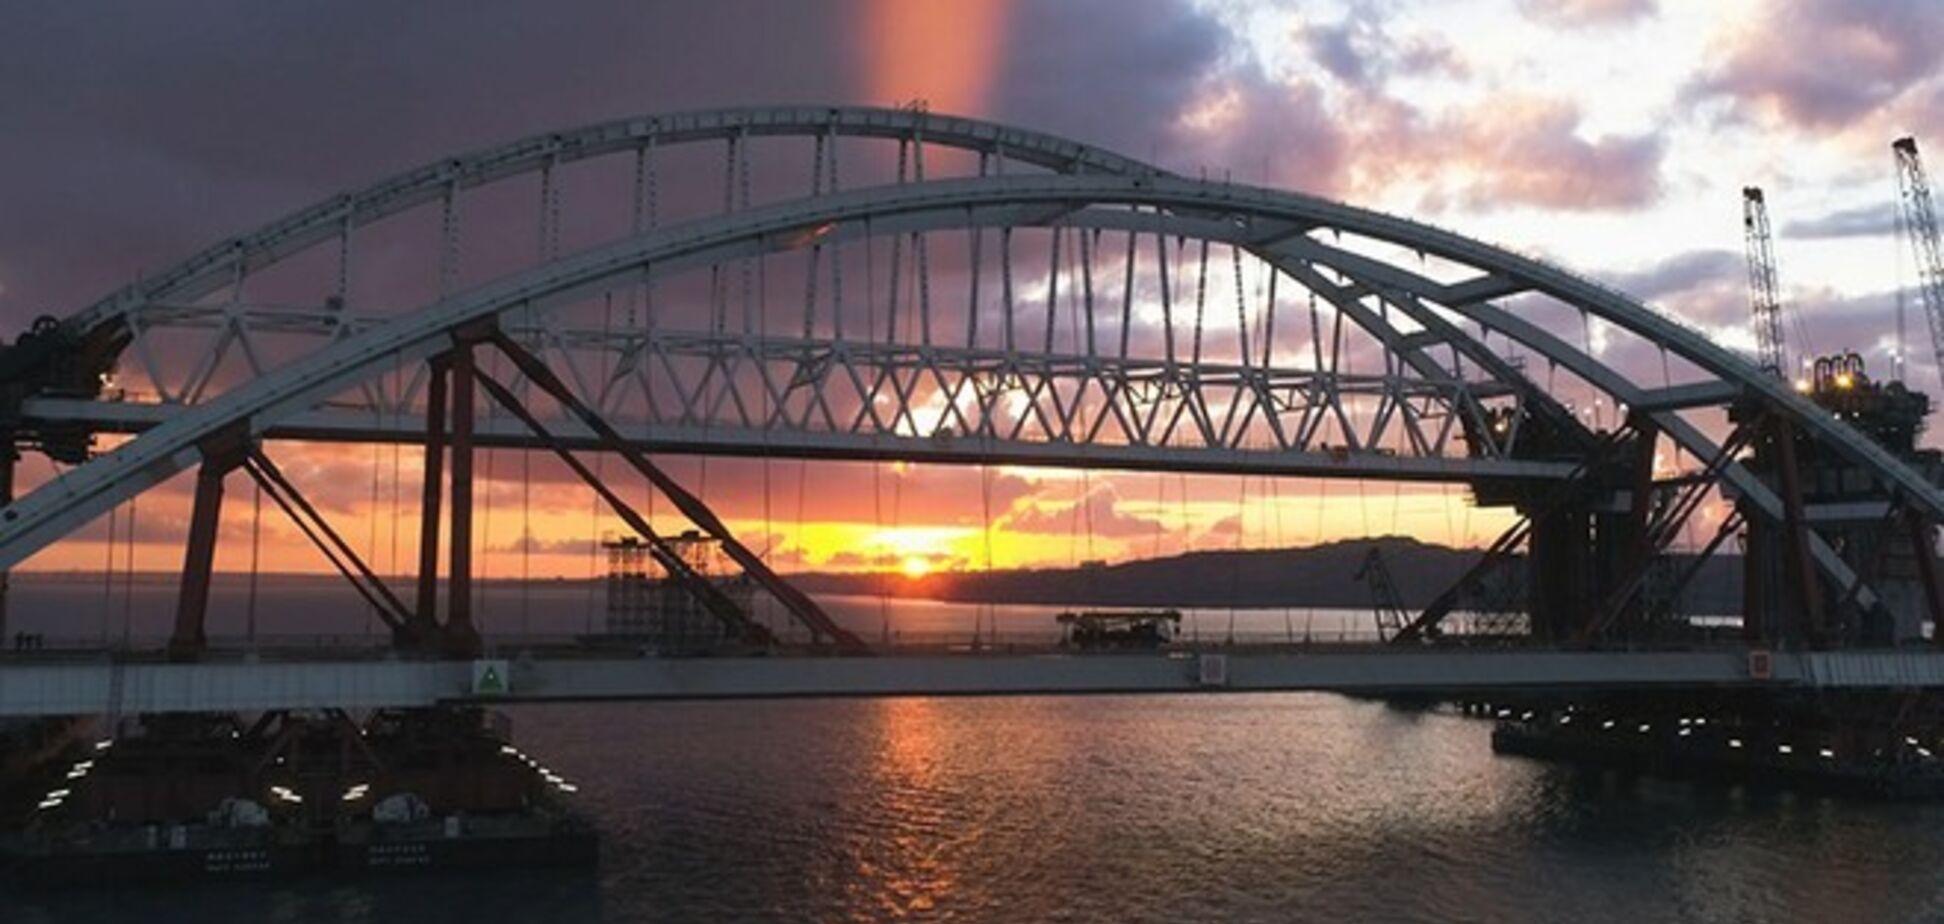 'Одна зламалася - і мосту нема': будівельник Кримського мосту визнав кричущу вразливість